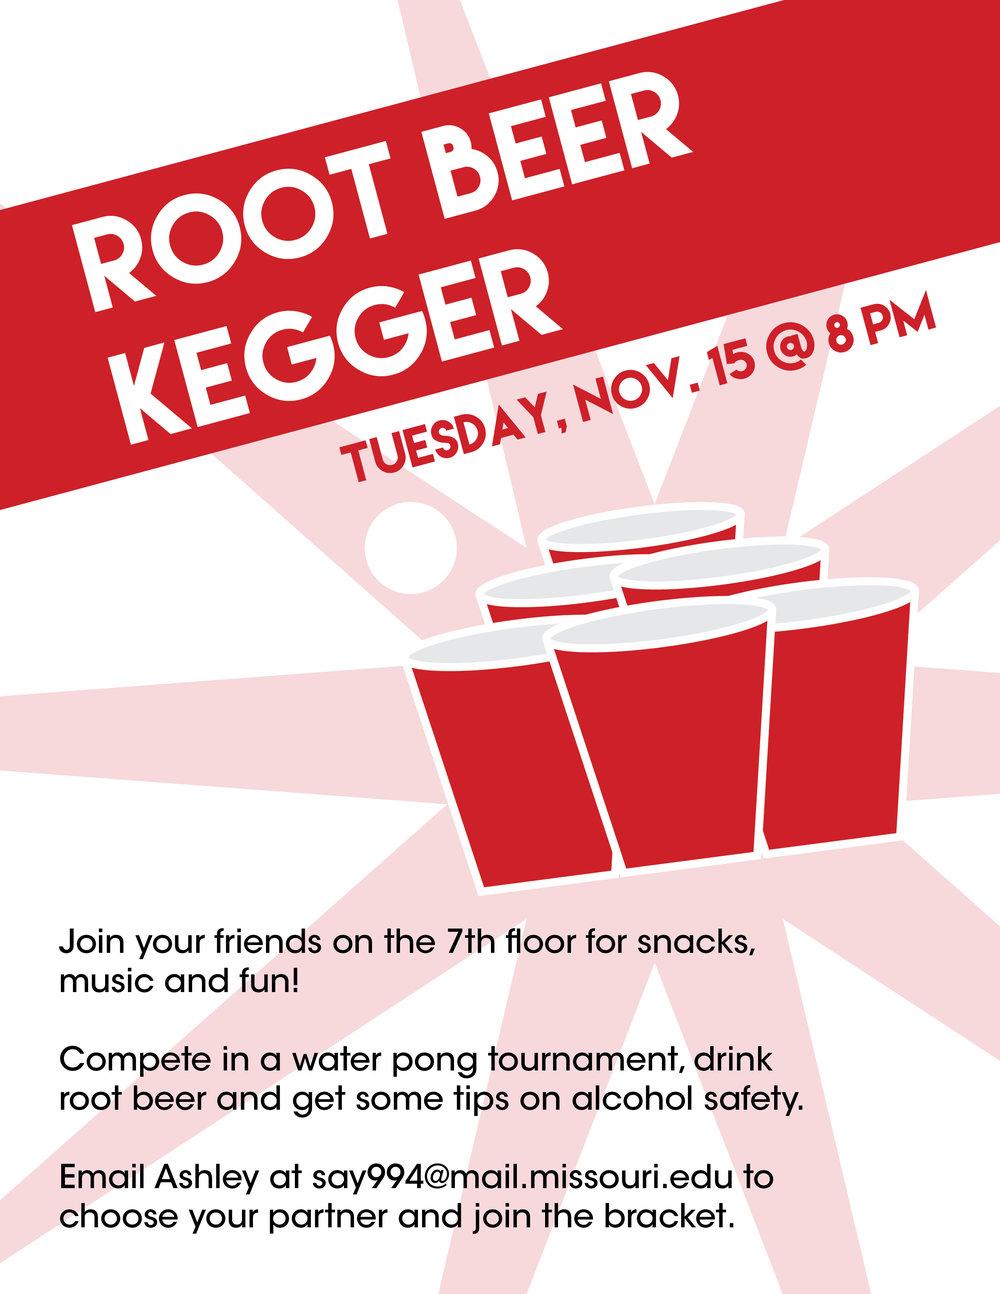 Root Beer Kegger Flyer.jpg